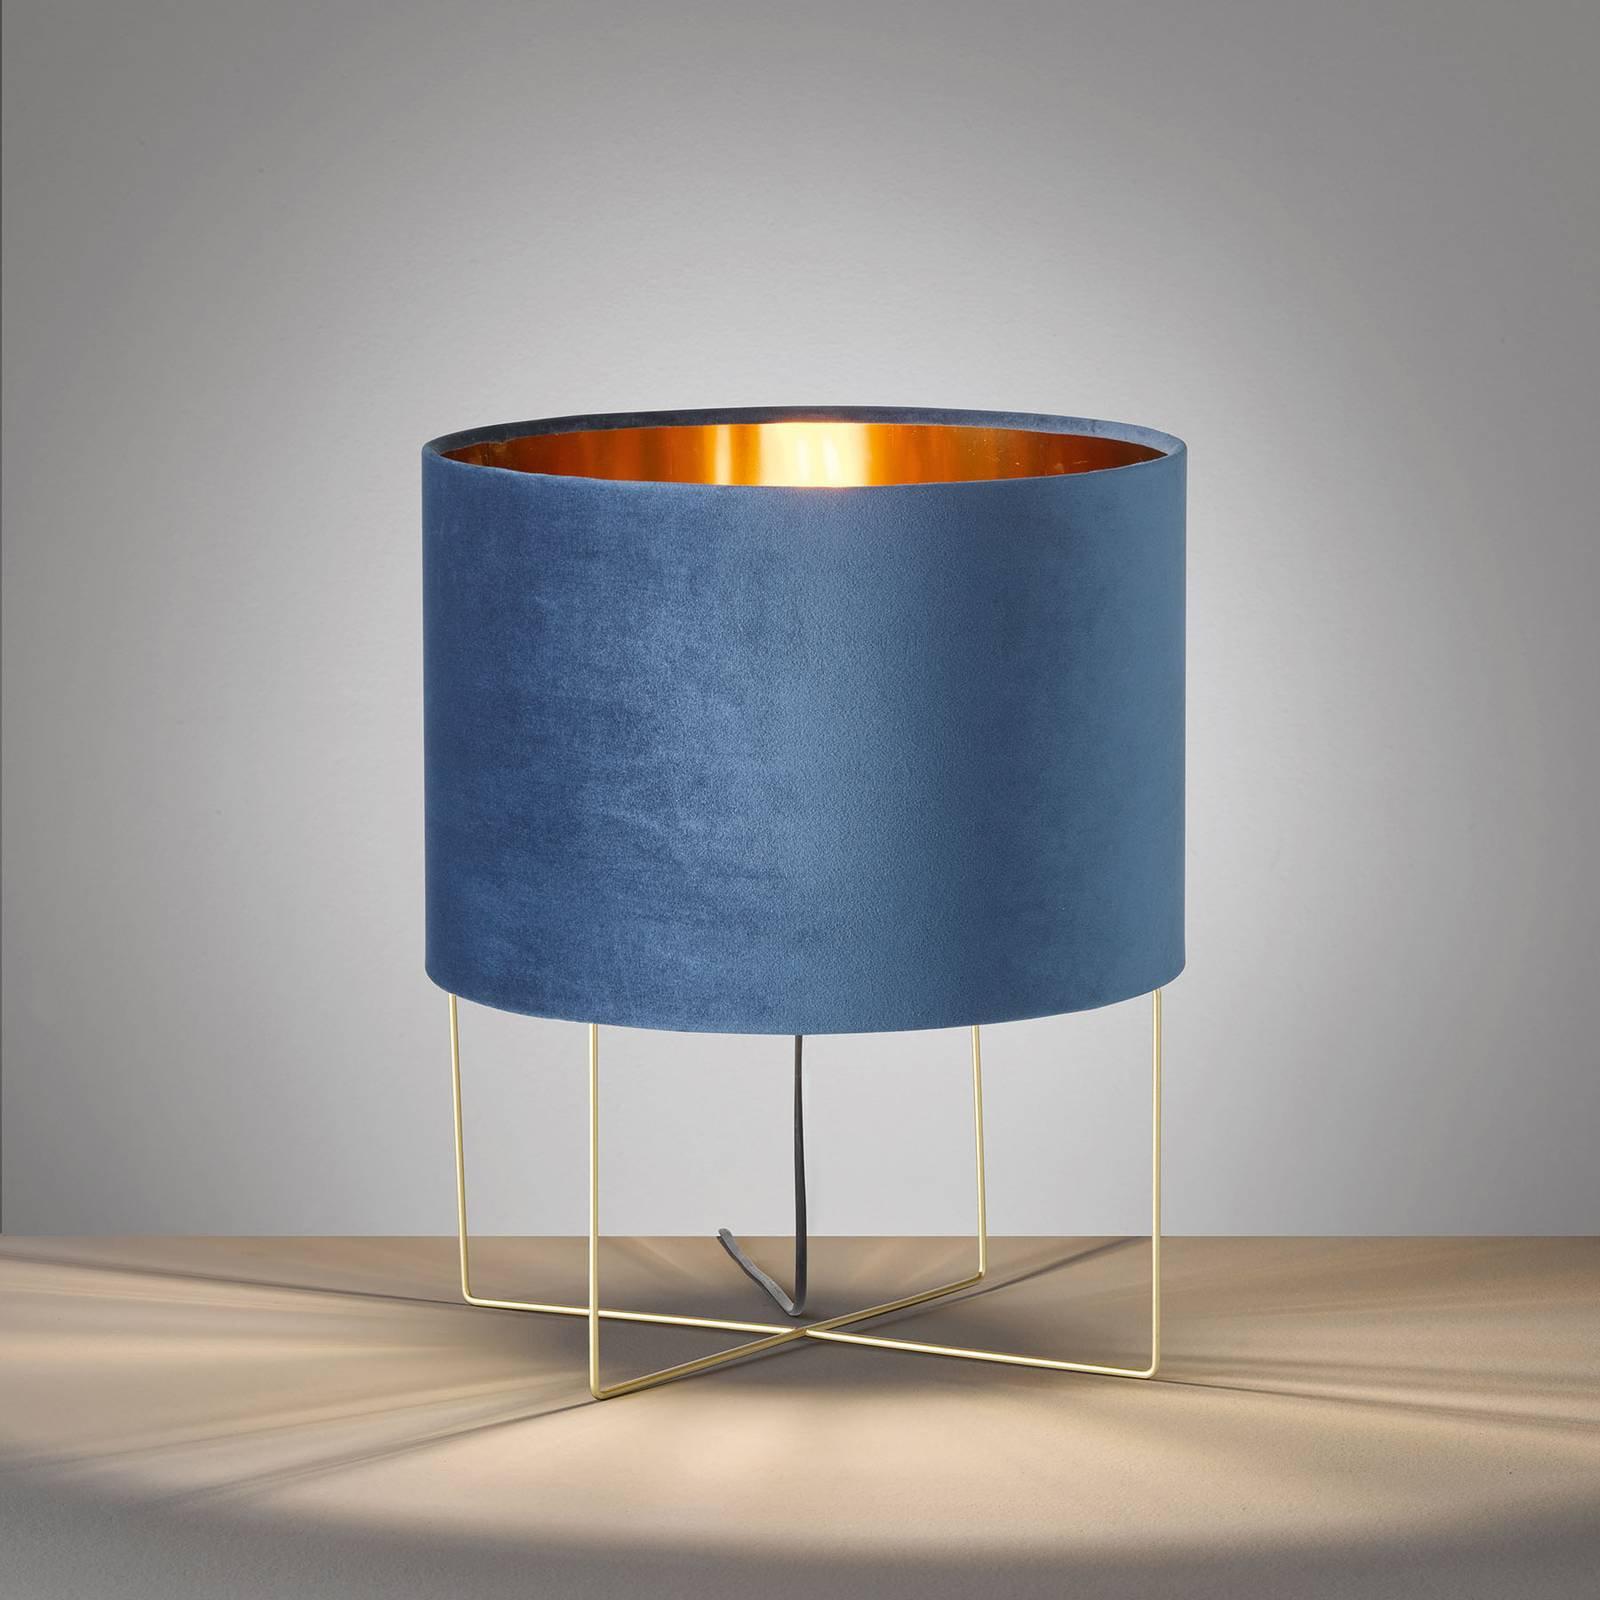 Bordlampe Aura, fløyelsskjerm, høyde 43 cm, blå